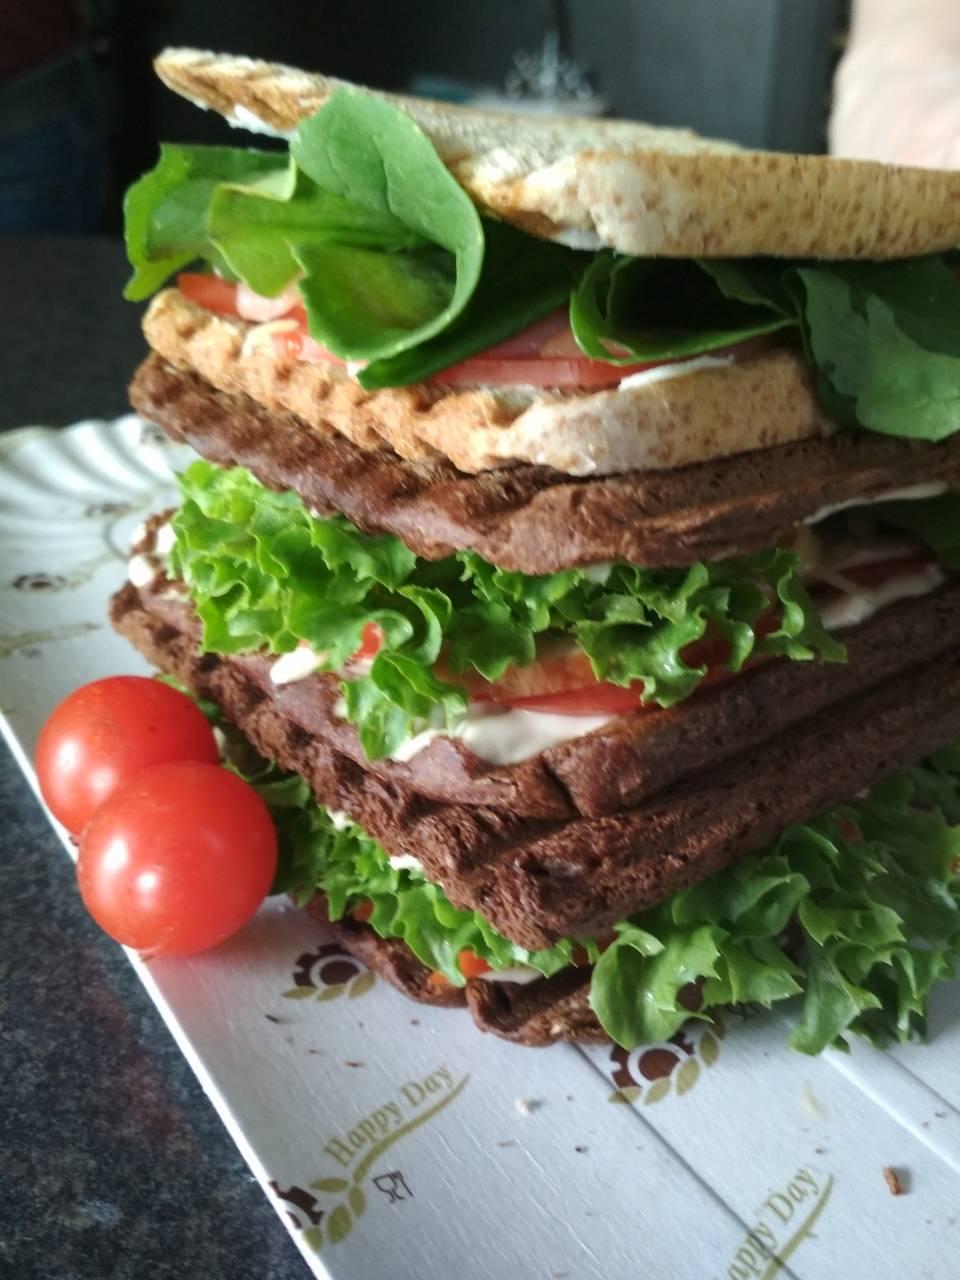 """Паста, бургер, сэндвичи, выпечка, торты и десерты в кофейне """"Бери Ешь"""" всего от 0,50 руб."""